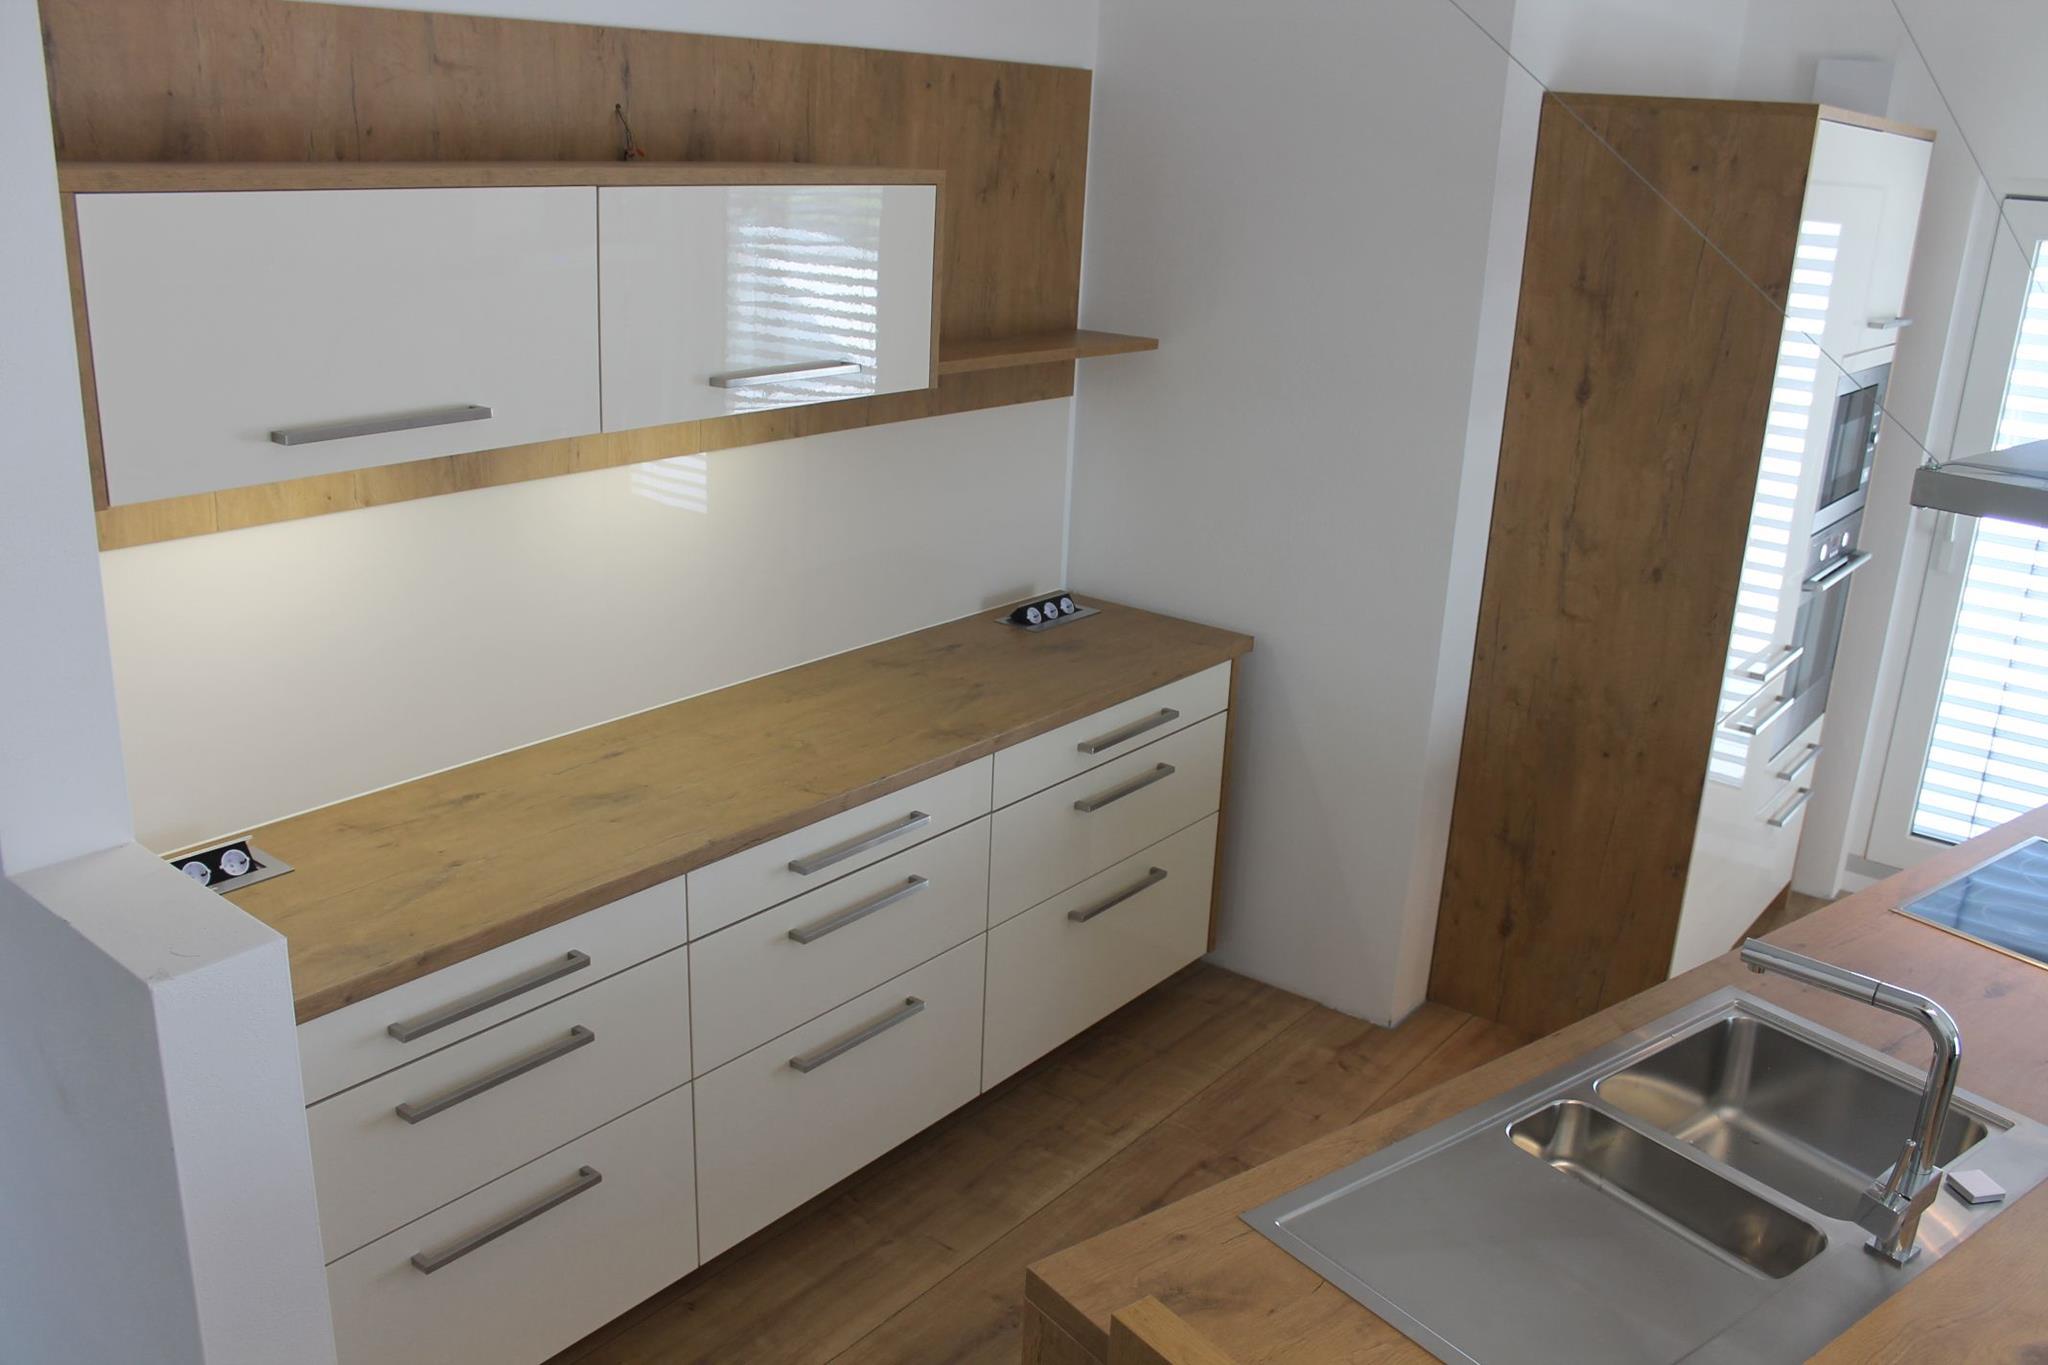 Ikea Küche Versenkbare Steckdose | Baumarkt Arbeitsplatte Dockarm